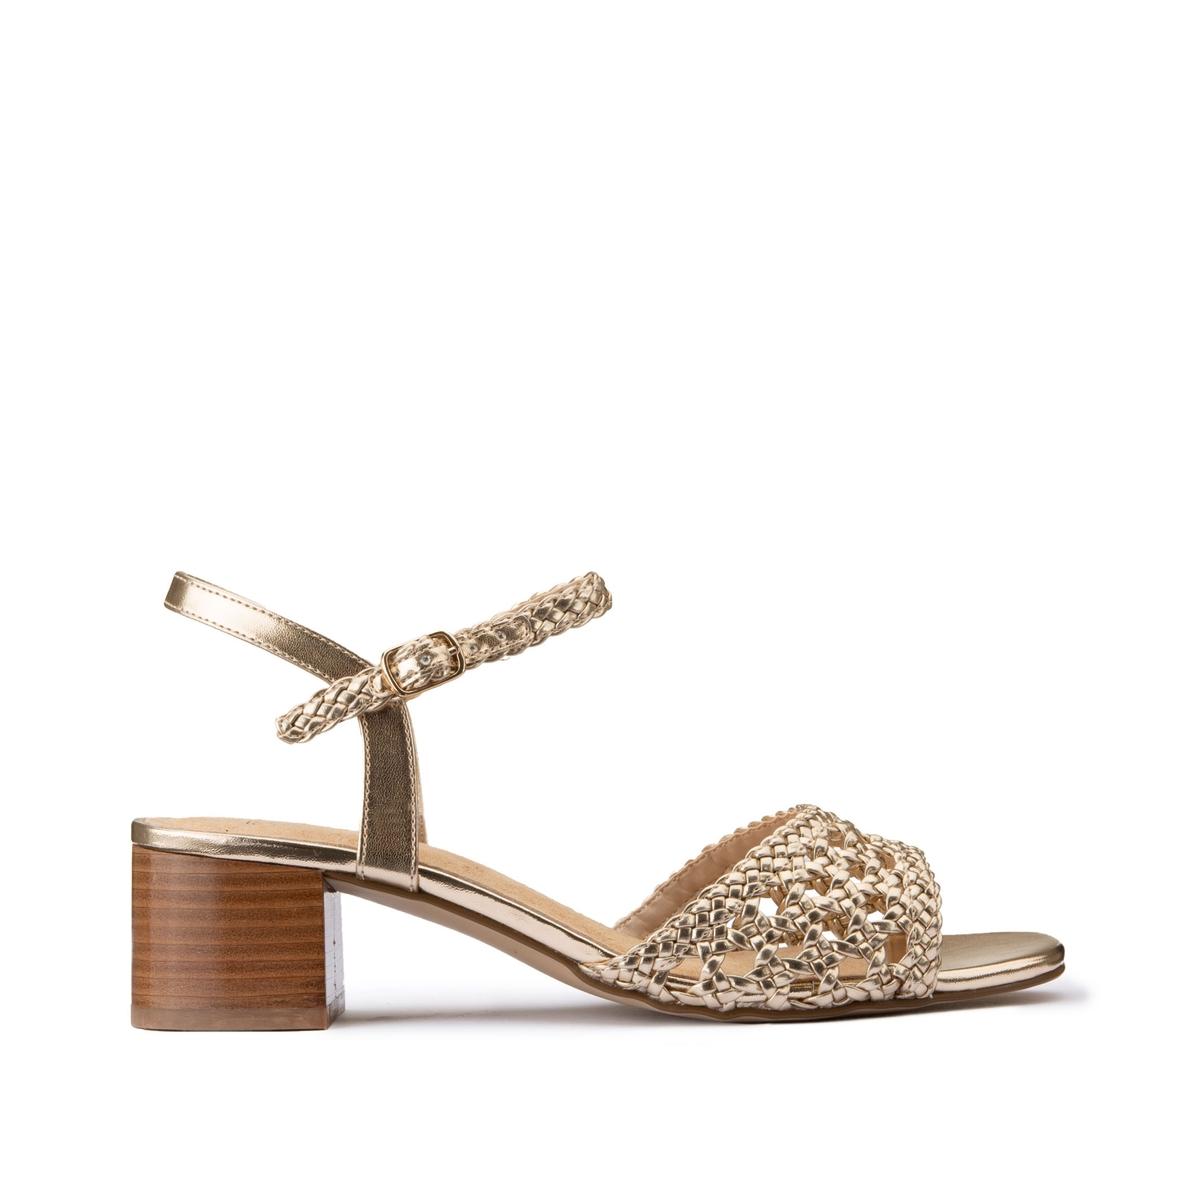 Sandalias trenzadas con tacón ancho